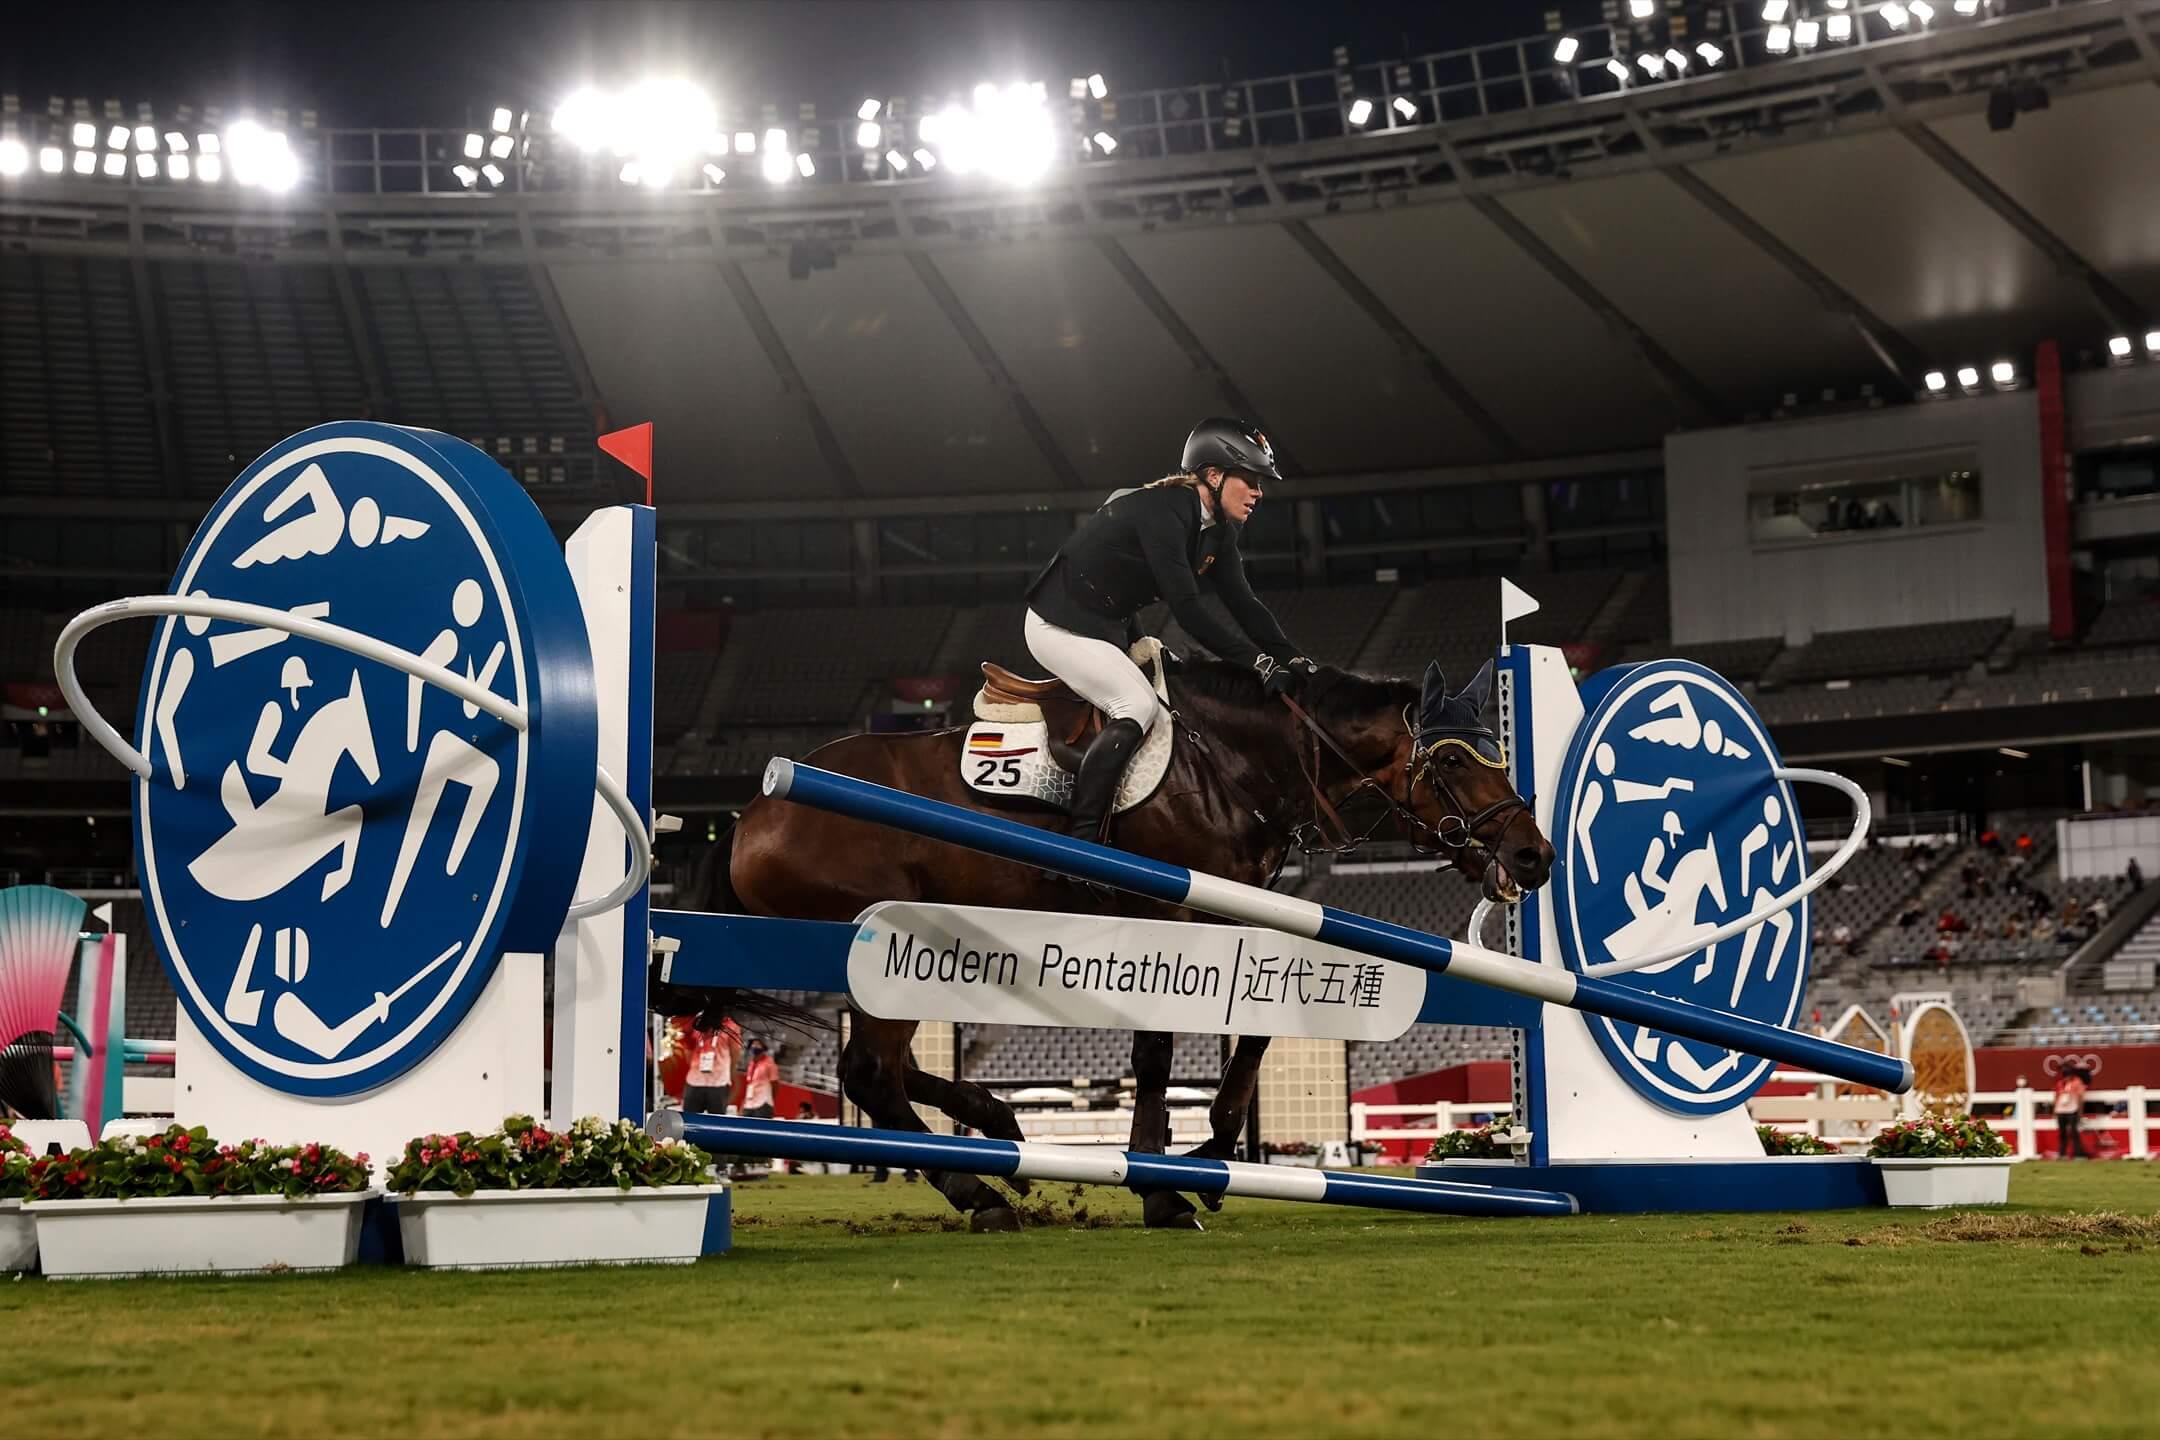 2021年8月6日,東京奧運,女子馬術現代五項賽事,德國隊的馬匹在比賽中沒有配合騎師施萊(Annika Schleu)的指示,跨欄失敗。 攝:Dan Mullan/Getty Images